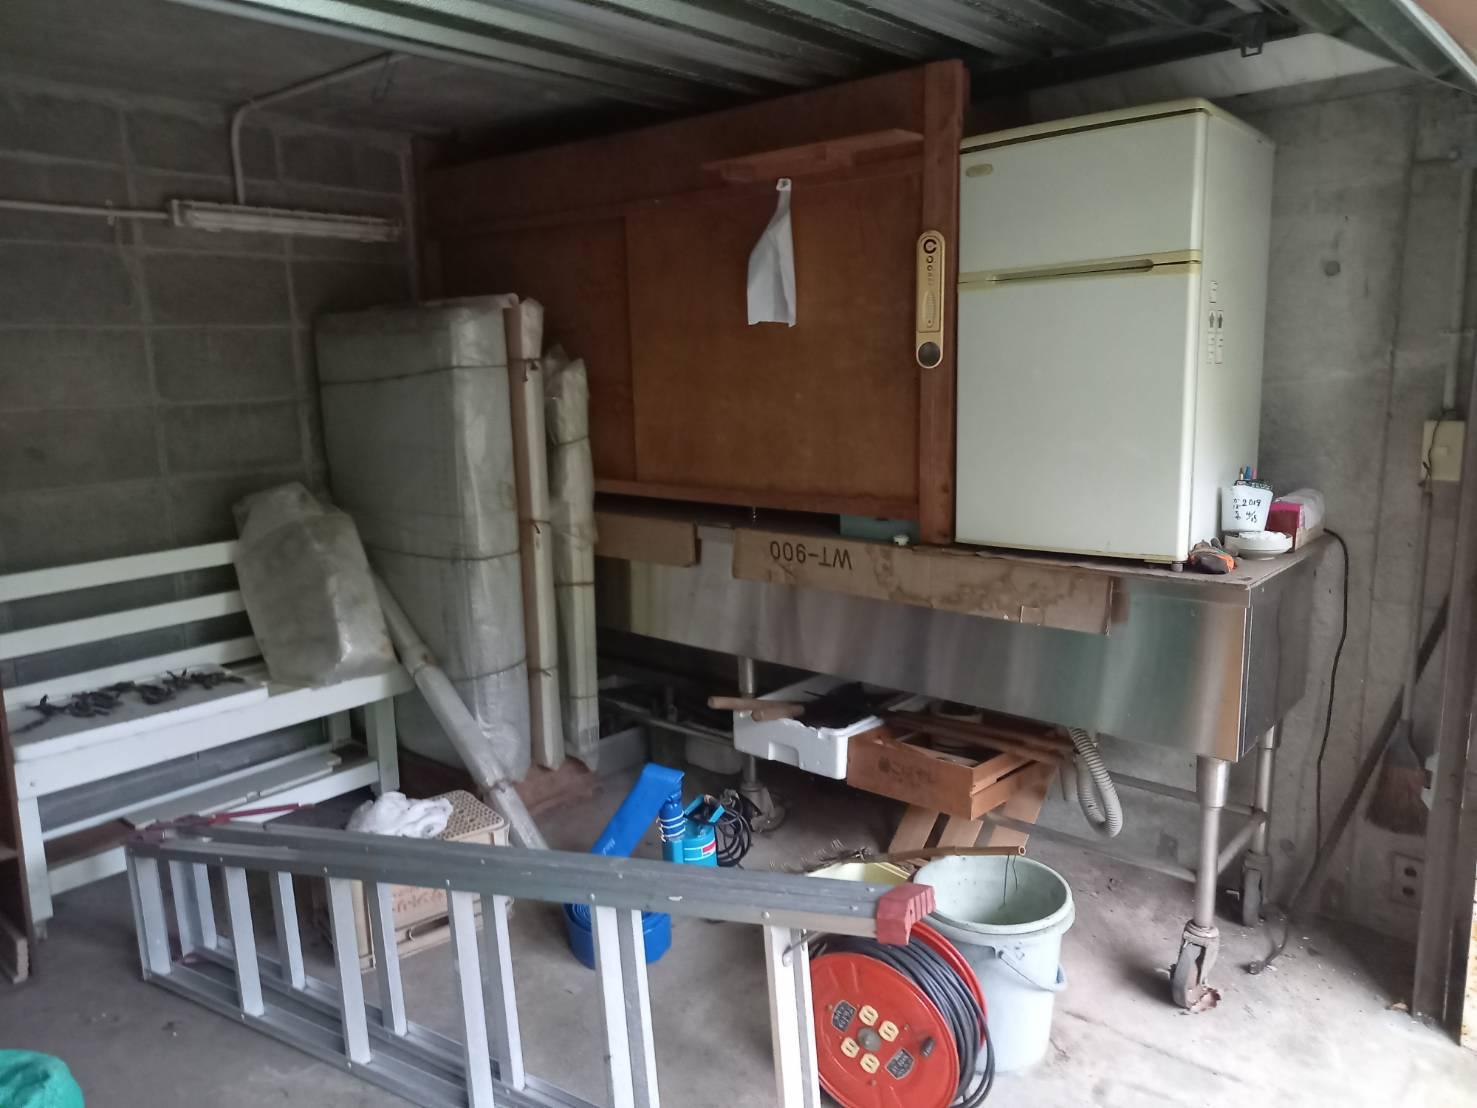 冷蔵庫、ベンチ、脚立の回収前